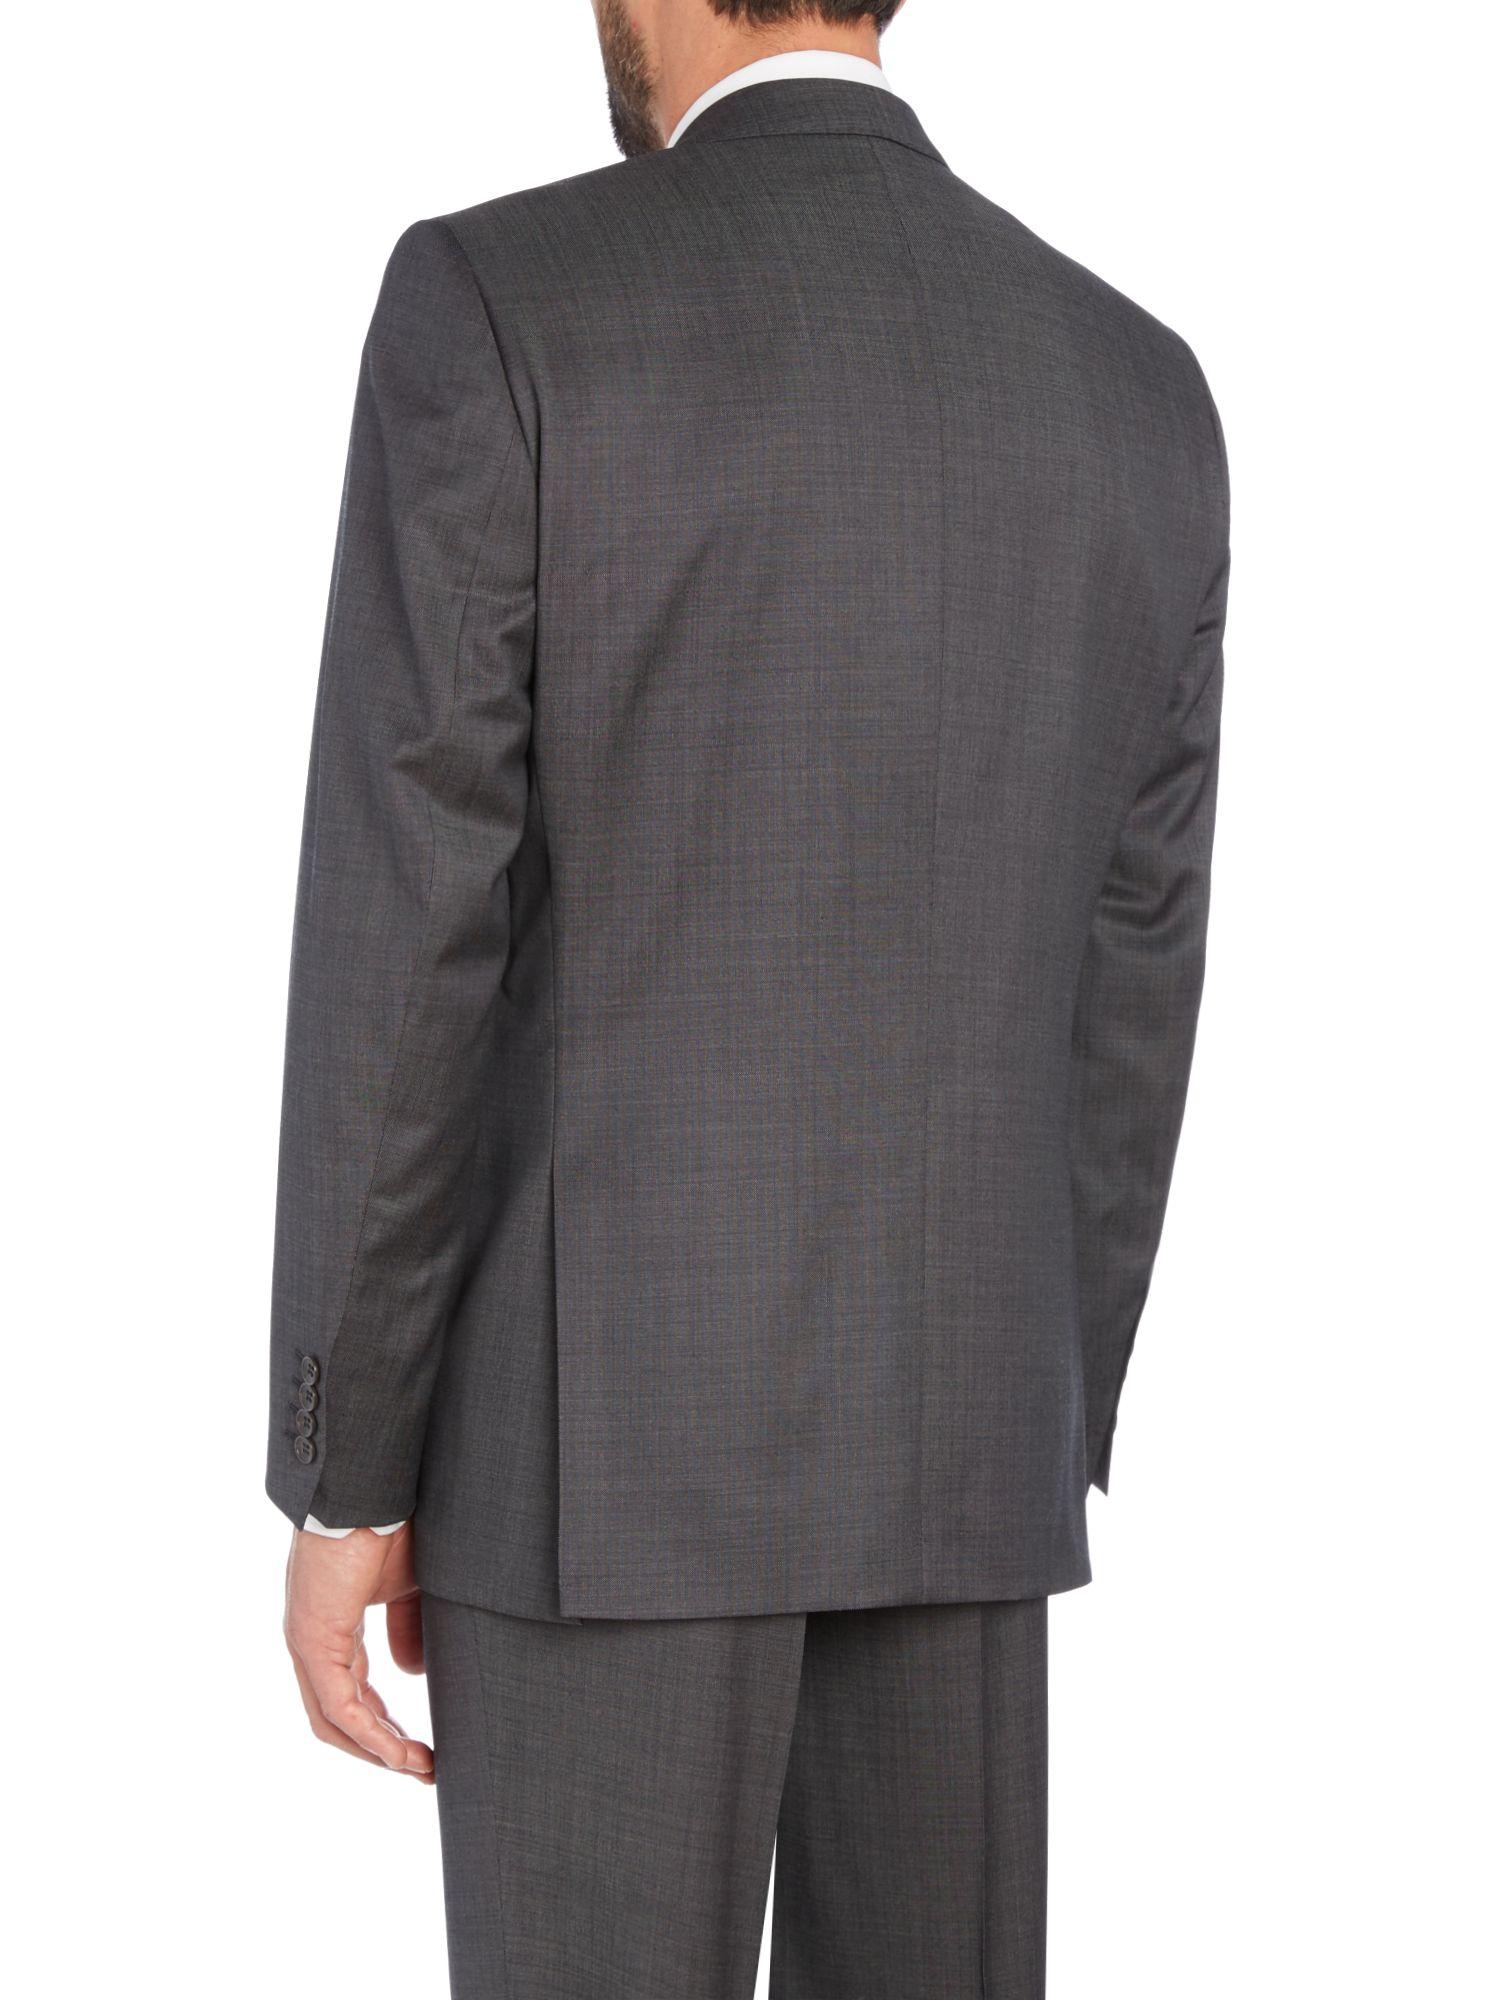 Carl Gross Suit Jacket In Gray For Men Lyst